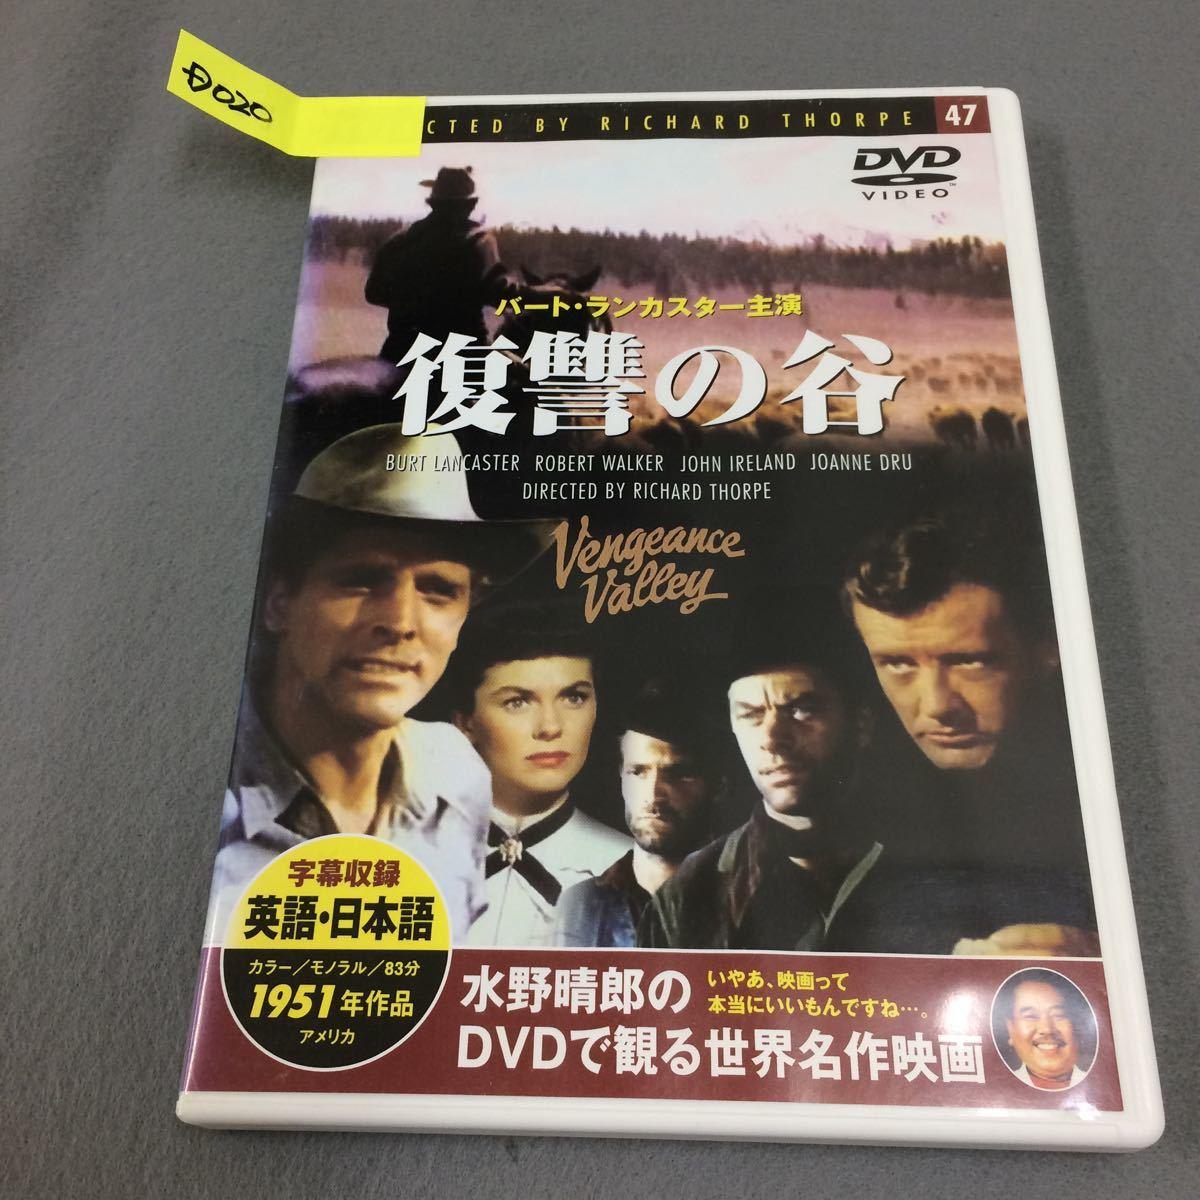 D020 DVD 復讐の谷 1951年 アメリカ 西部劇 アクション アドベンチャー バート・ランカスター主演 水野晴郎のDVDで観る世界名作映画_画像1